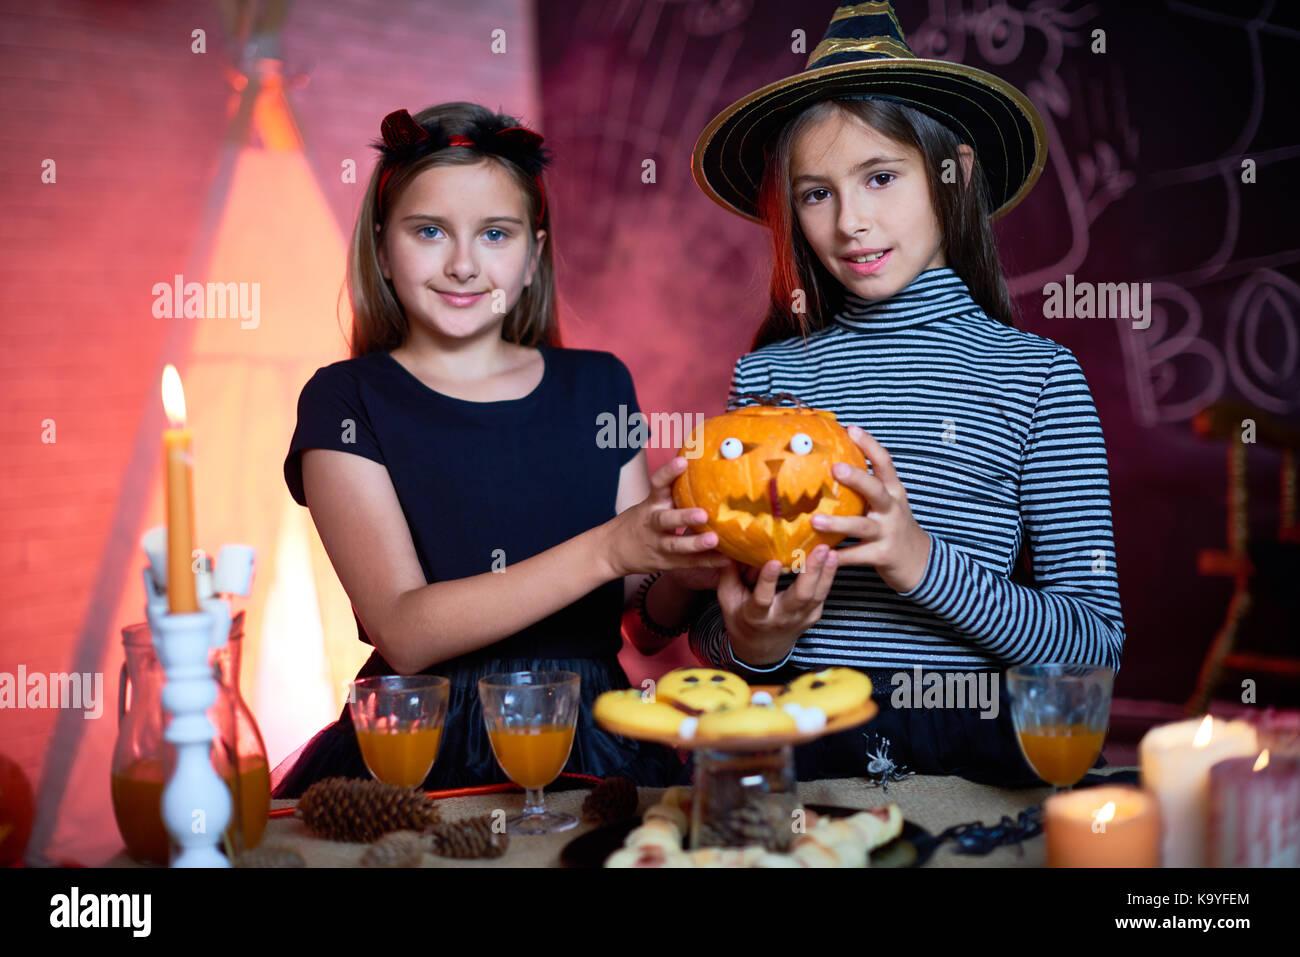 Sonriendo bastante amigos vestidos como brujas la celebración de calabaza tallado con ojos y mirando a la cámara Imagen De Stock